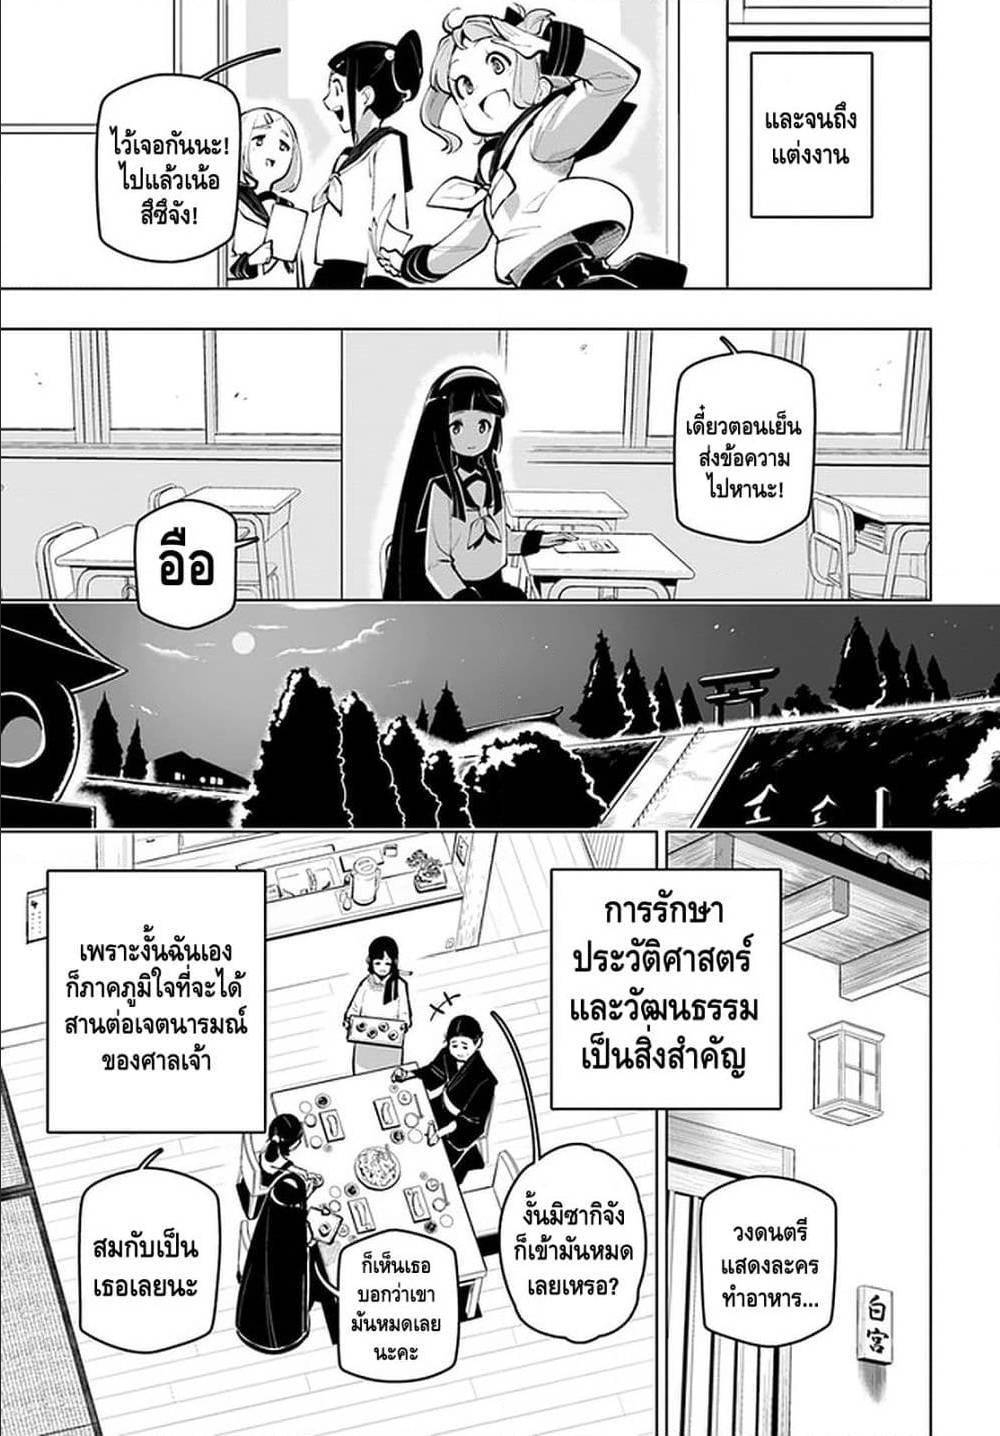 Sekai Saikyou No Kouei: Meikyuukoku No Shinjin Tansakusha  ตอนที่ 17.5 TH แปลไทย